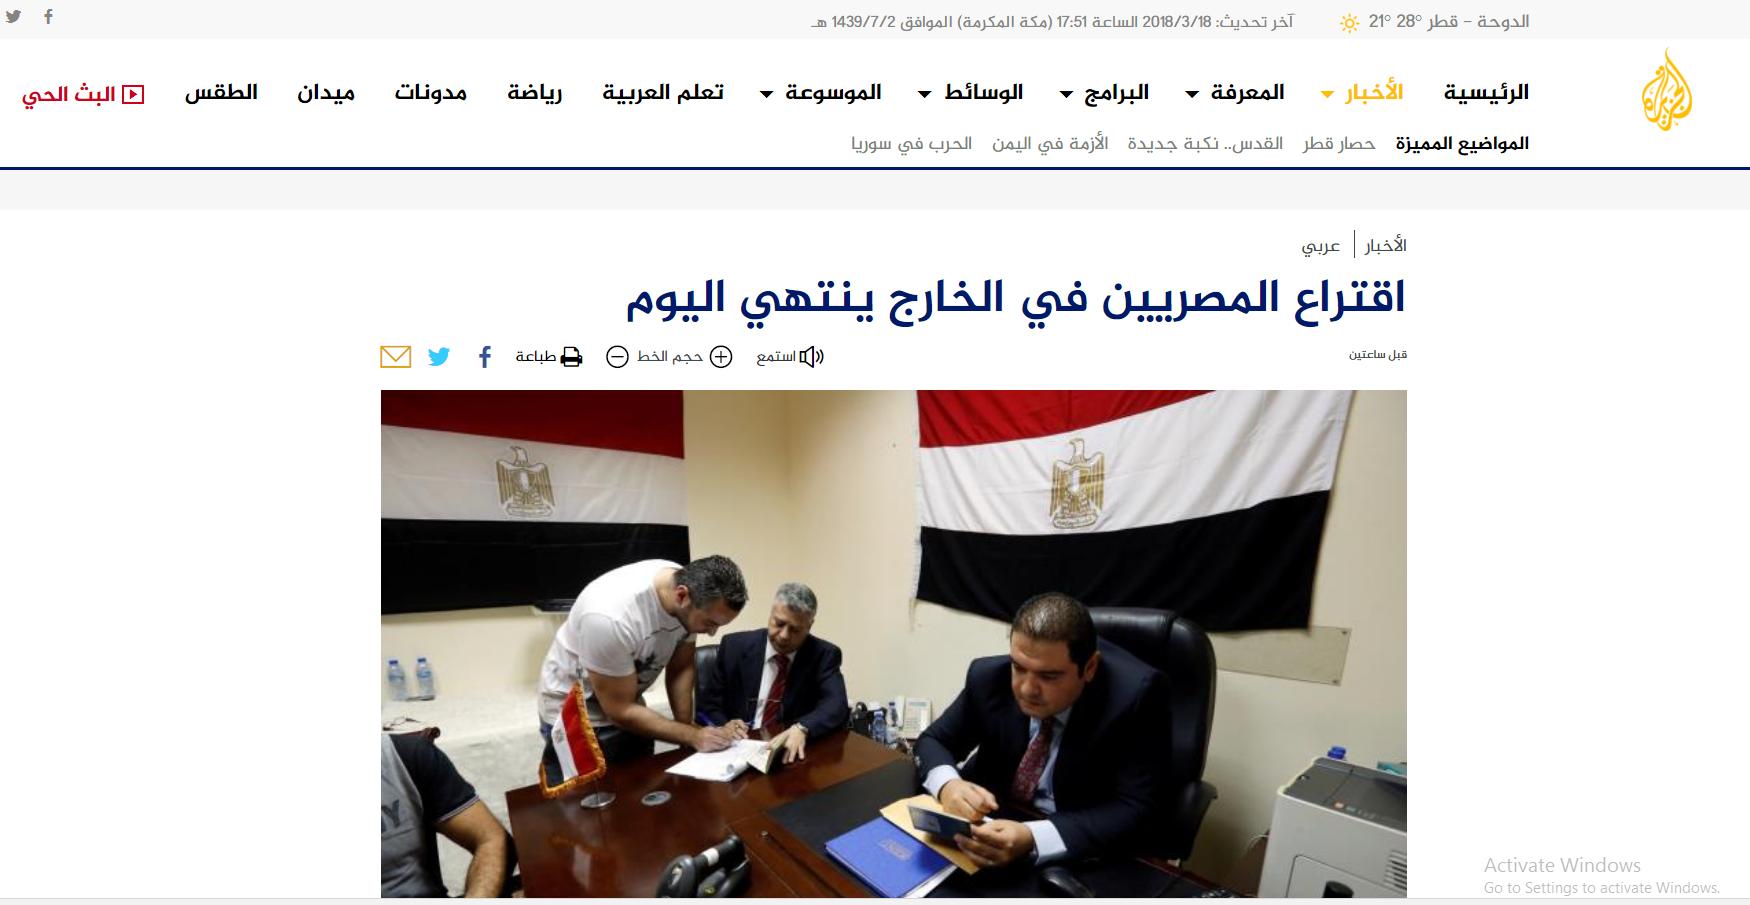 الجزیزہ : اتوار کی شام یعنی 18 مارچ 2018 کو غیر مقیم مصریوں کےلیے مقررکردہ رائے دہندگی کا وقت ختم ہوگیا